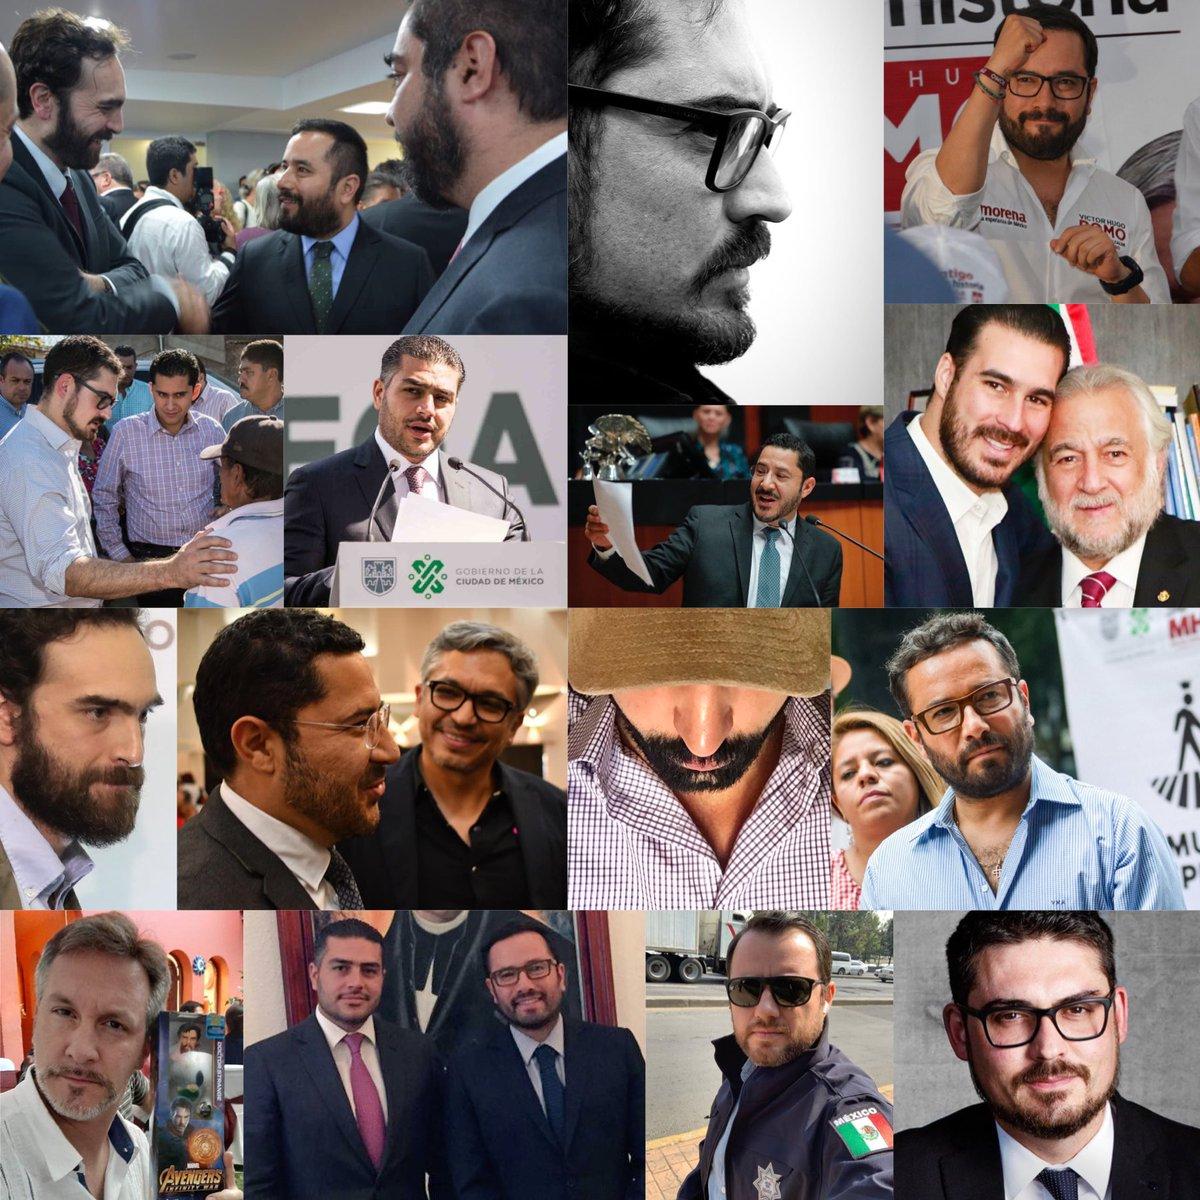 #MartesdeBarbones de la #4T #NoShave #TheBeardRevolution  #BeardSeason #BeardedBeauties #beardlife #poilu #beardedmen #hairymen #BarbaDelDia   #GobiernoDelPueblo #La4TVa #RedAMLO #FelizMartes #AMLOEstamosContigo #BuenosDiasATodospic.twitter.com/caY2HmOqOn